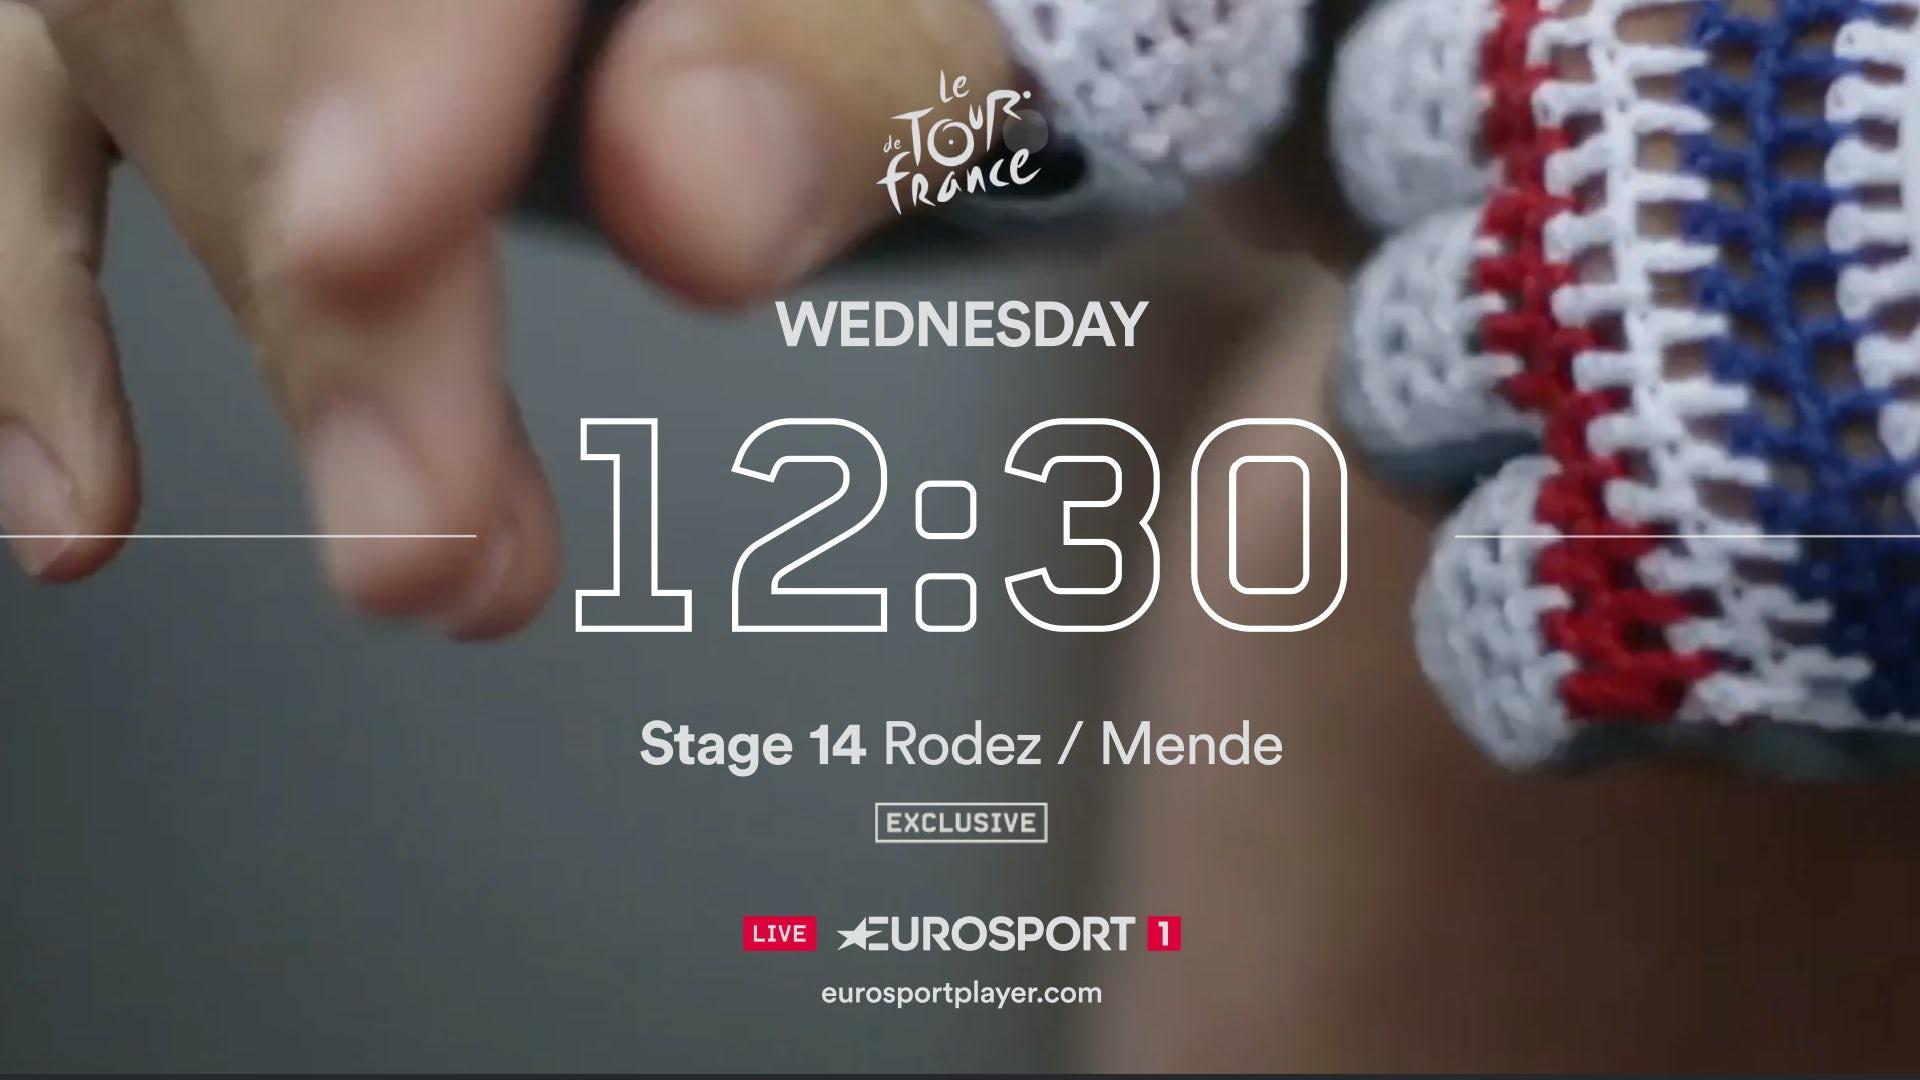 Eurosport new identity